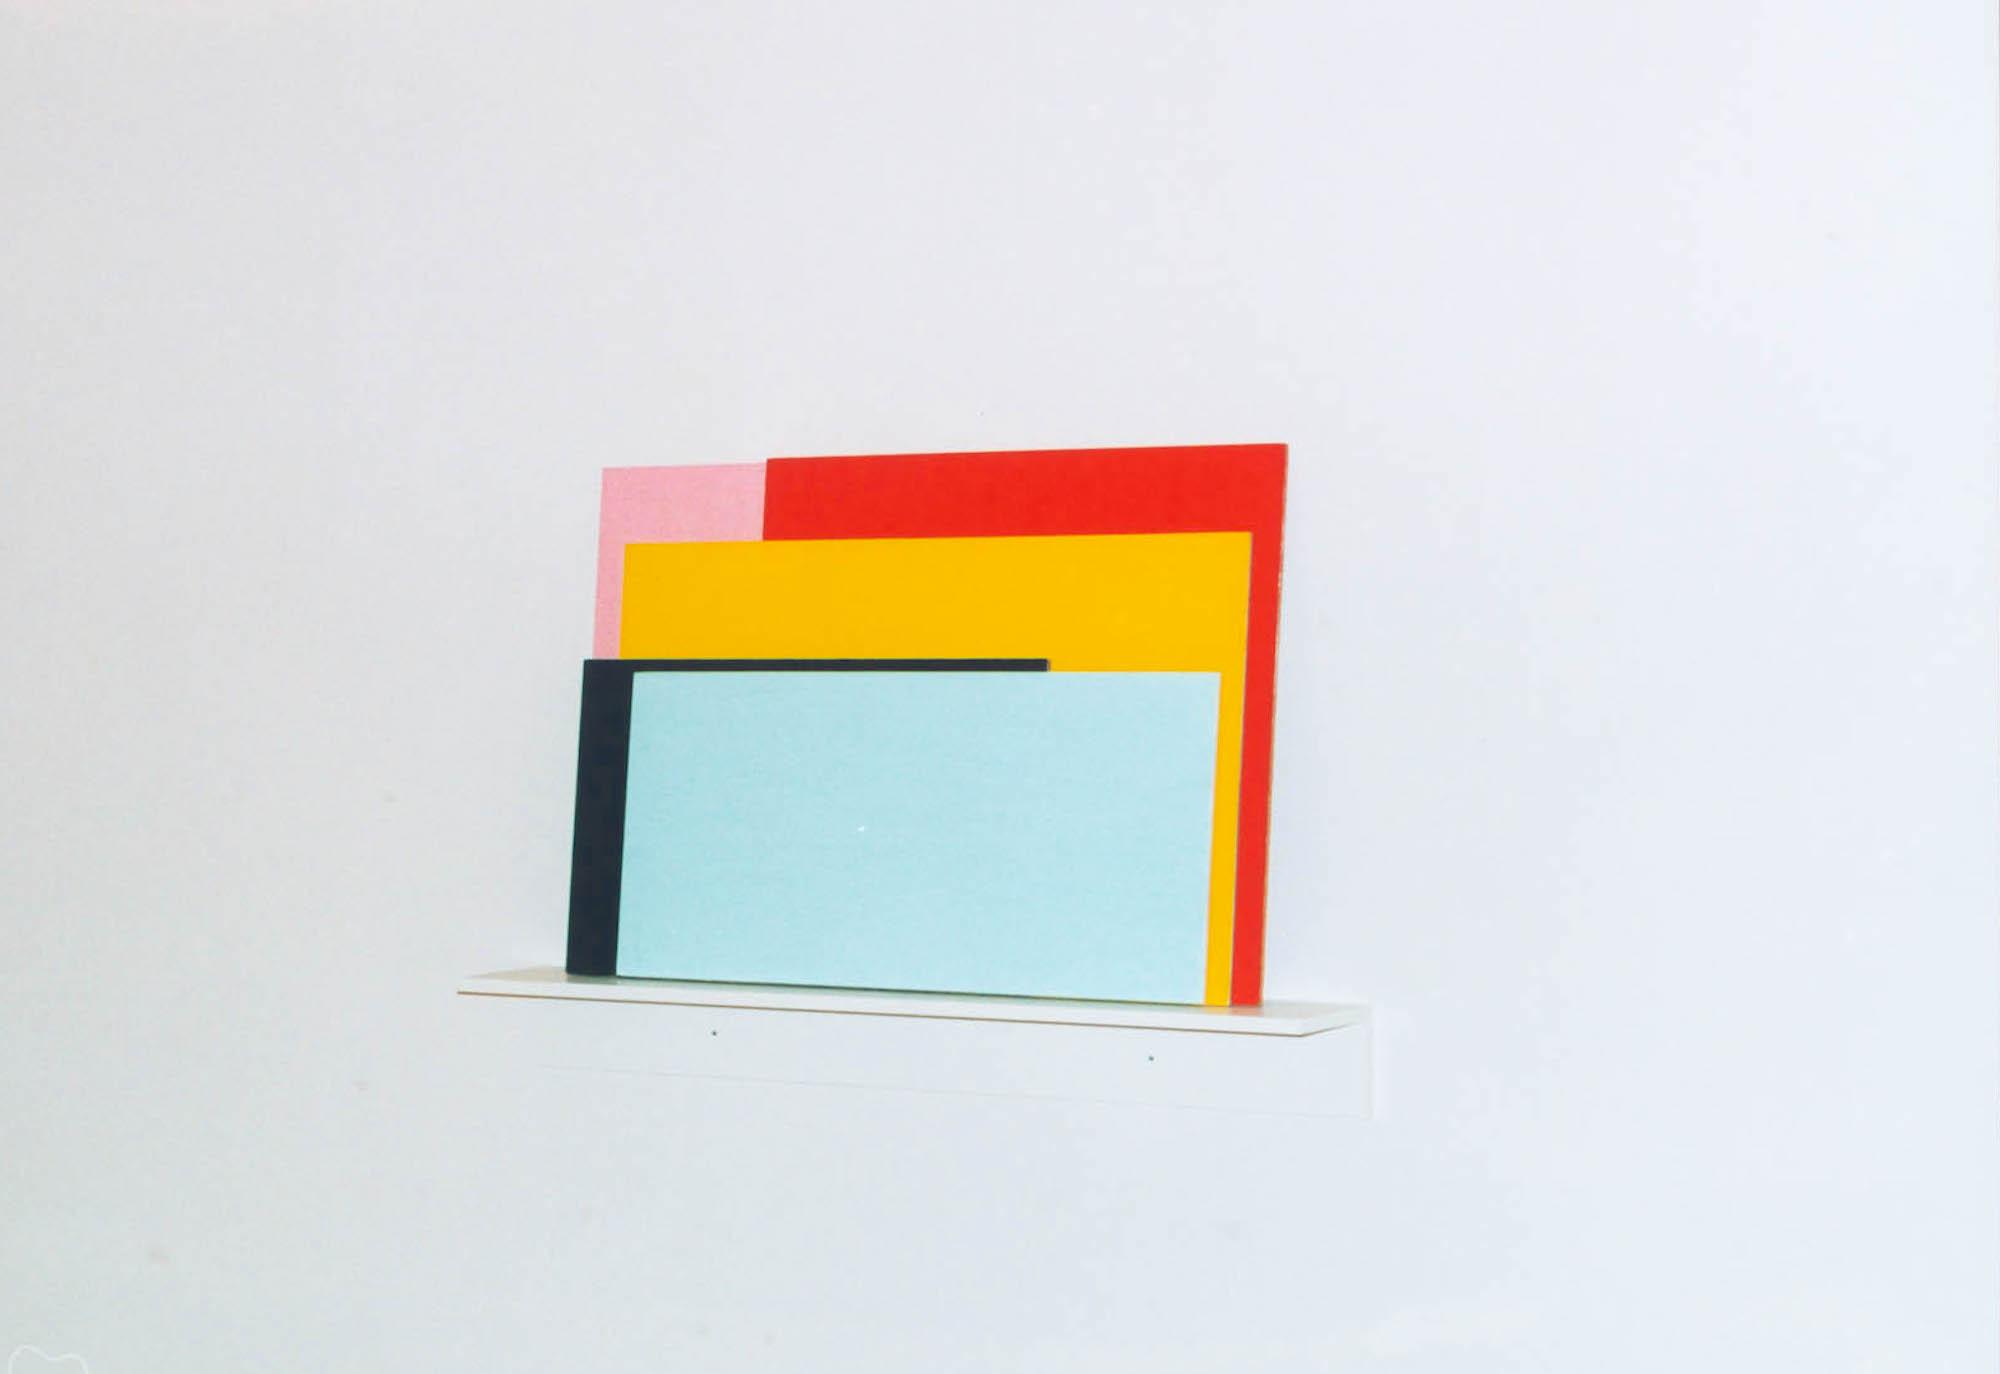 Solidarisk,  1998 Acrylic on wood, 70 x 60 cm  Konkret - Nonfigurativ kunst i Norge 1920-2000 , Bergen, Lillehammer og Trondheim Kunstmuseum, 2002